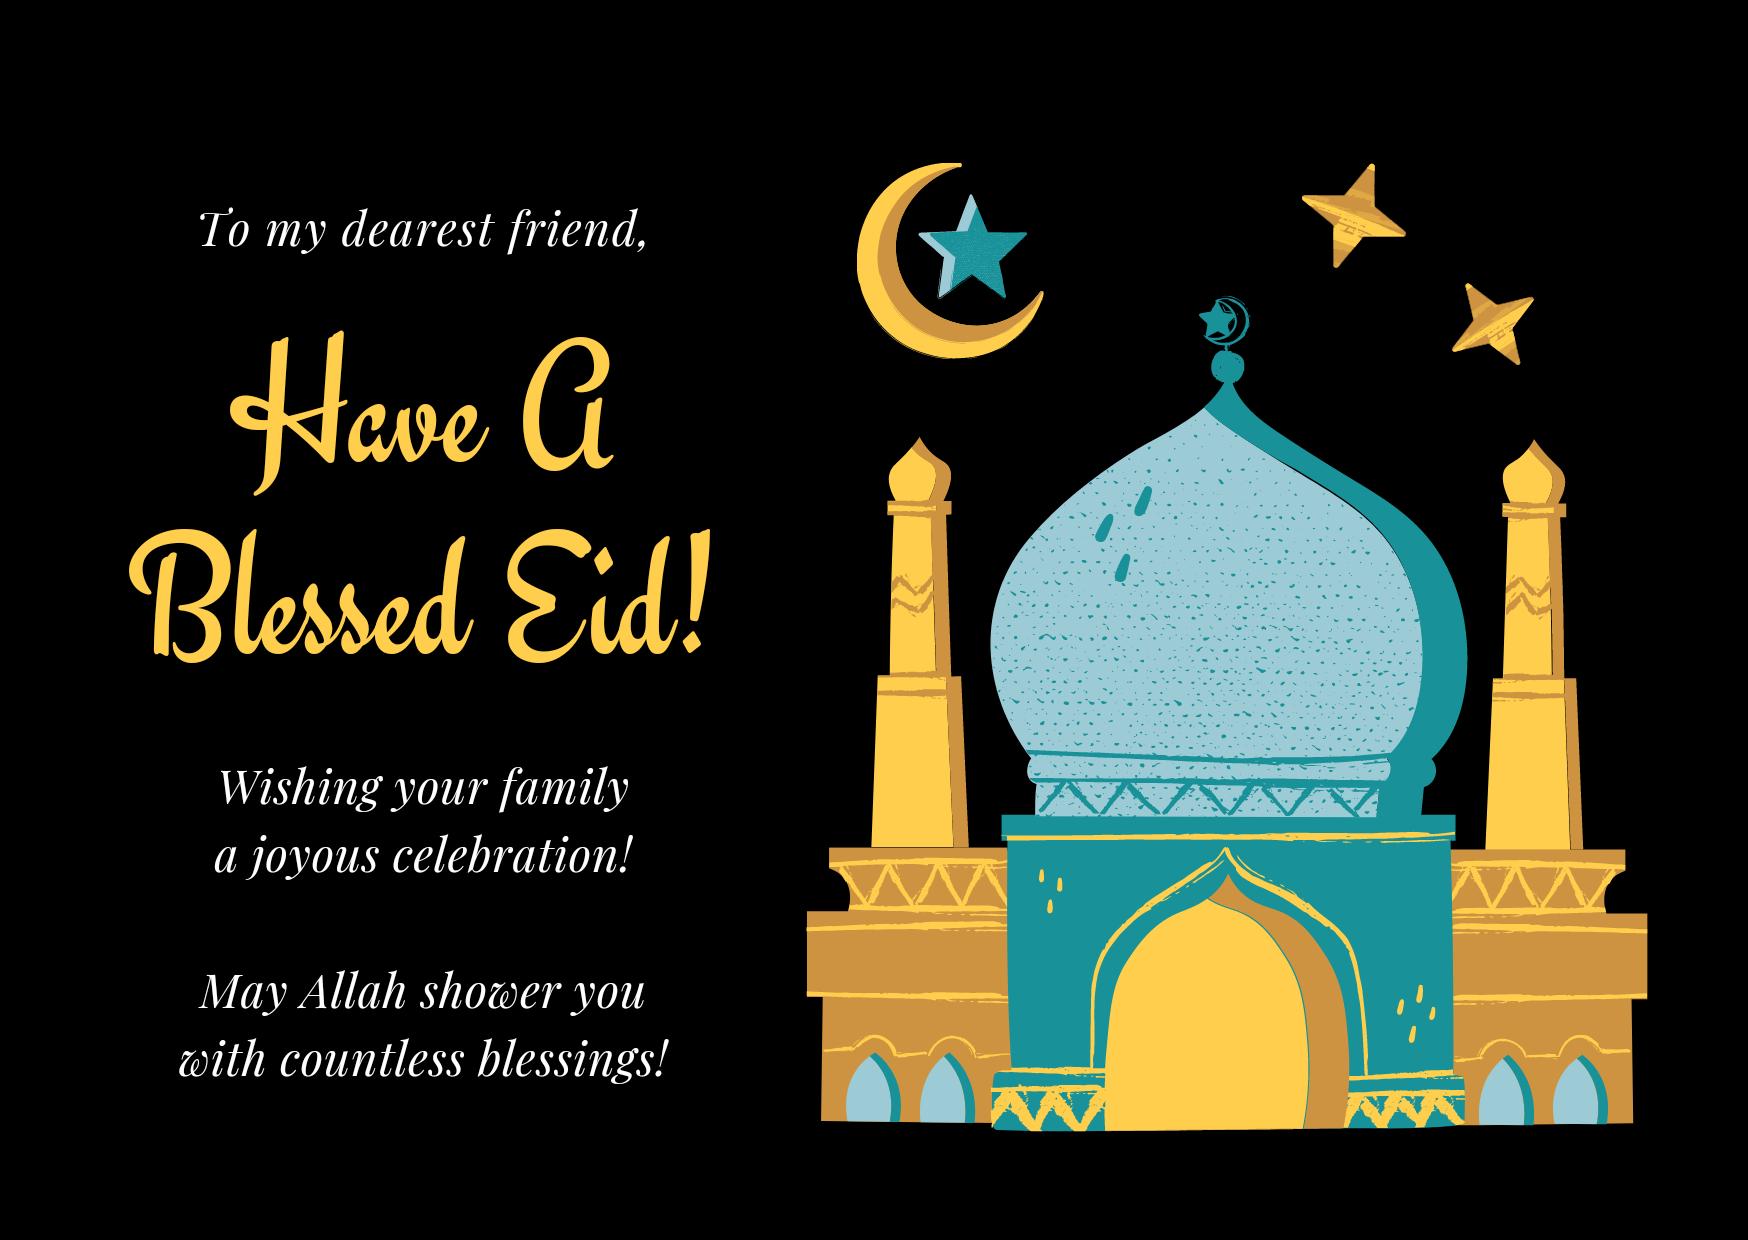 Hari raya korban wishes